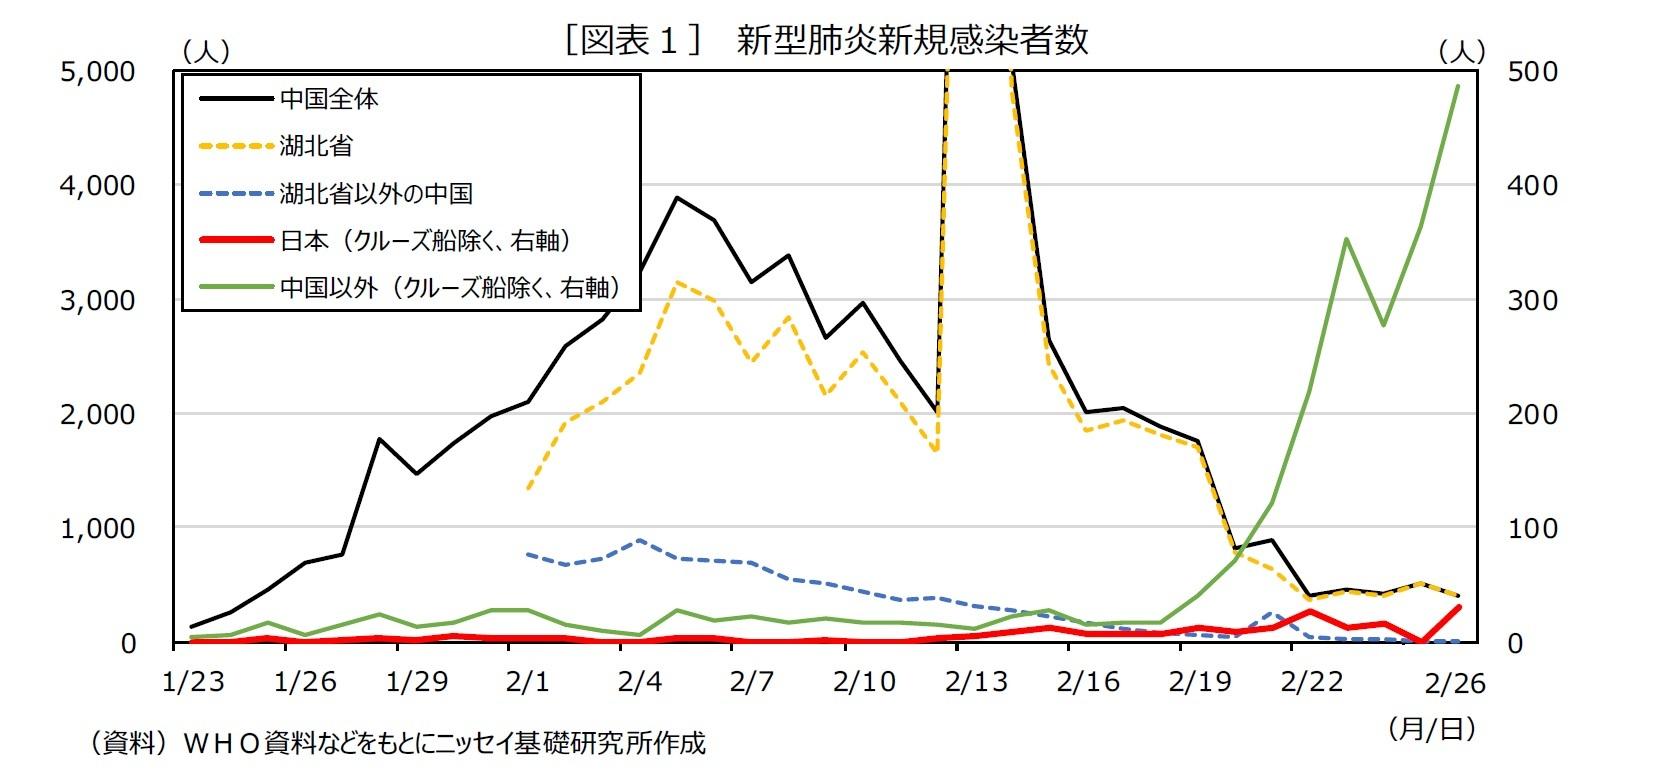 [図表1] 新型肺炎新規感染者数